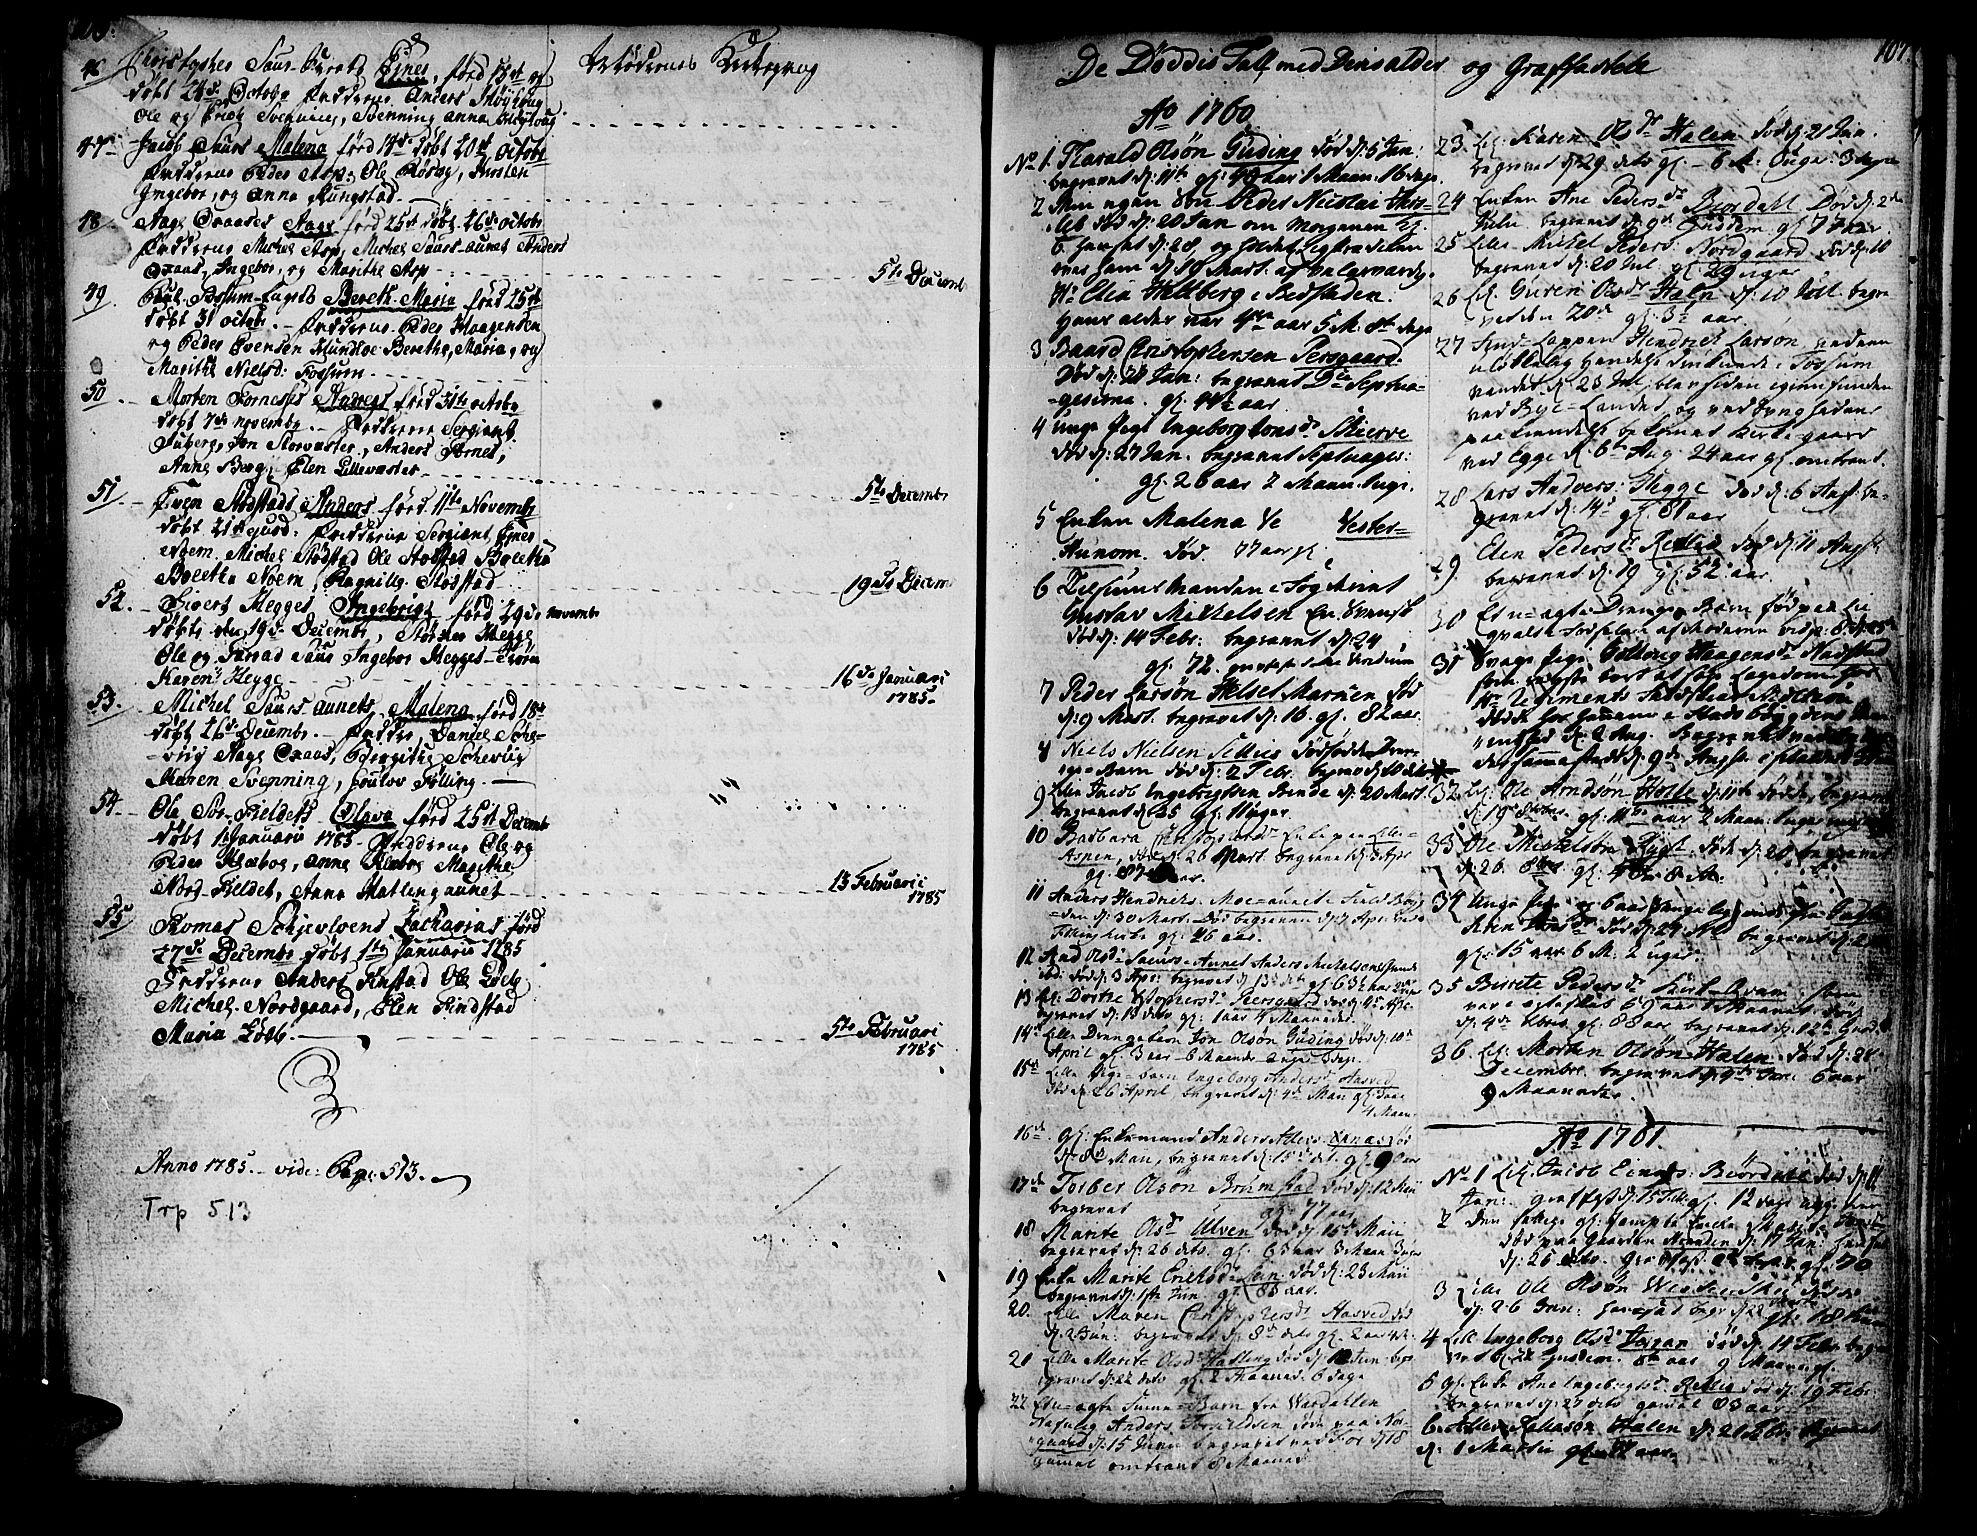 SAT, Ministerialprotokoller, klokkerbøker og fødselsregistre - Nord-Trøndelag, 746/L0440: Ministerialbok nr. 746A02, 1760-1815, s. 106-107